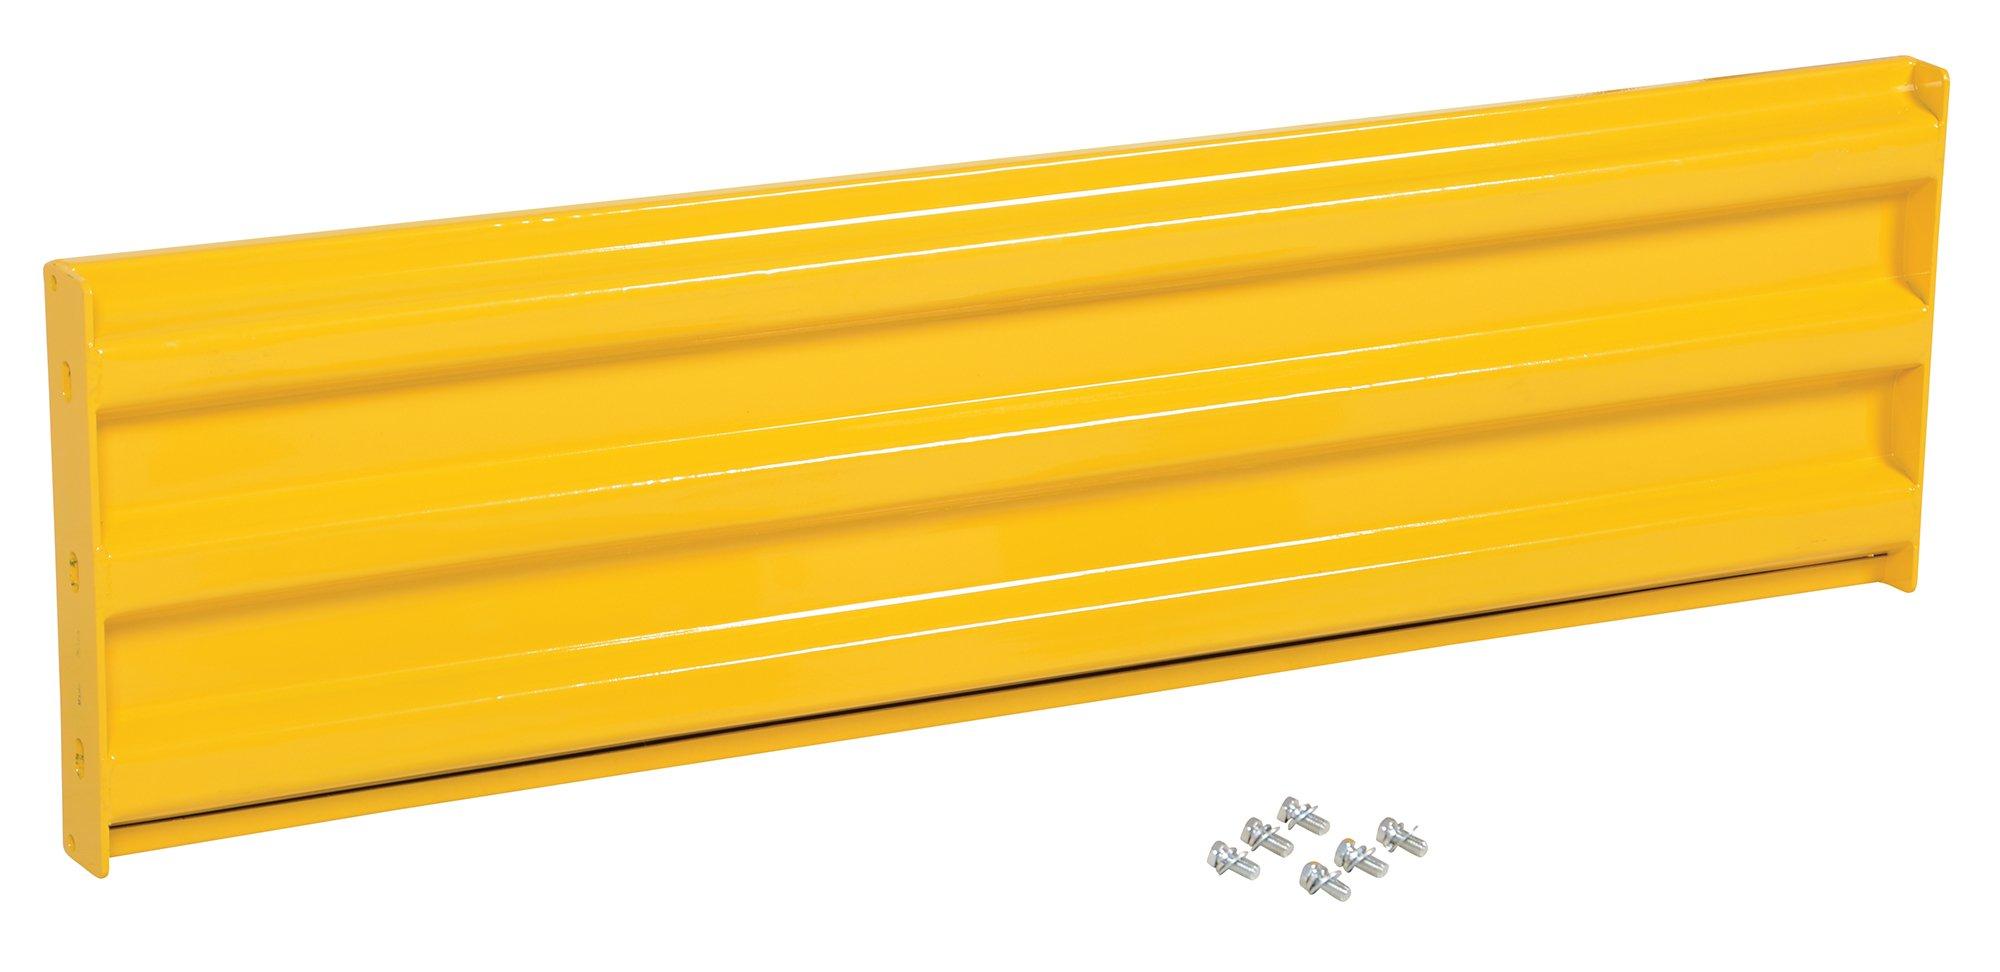 Vestil YGR-B-5 Bolt-On Style Guard Rail44; Yellow - 5 ft.